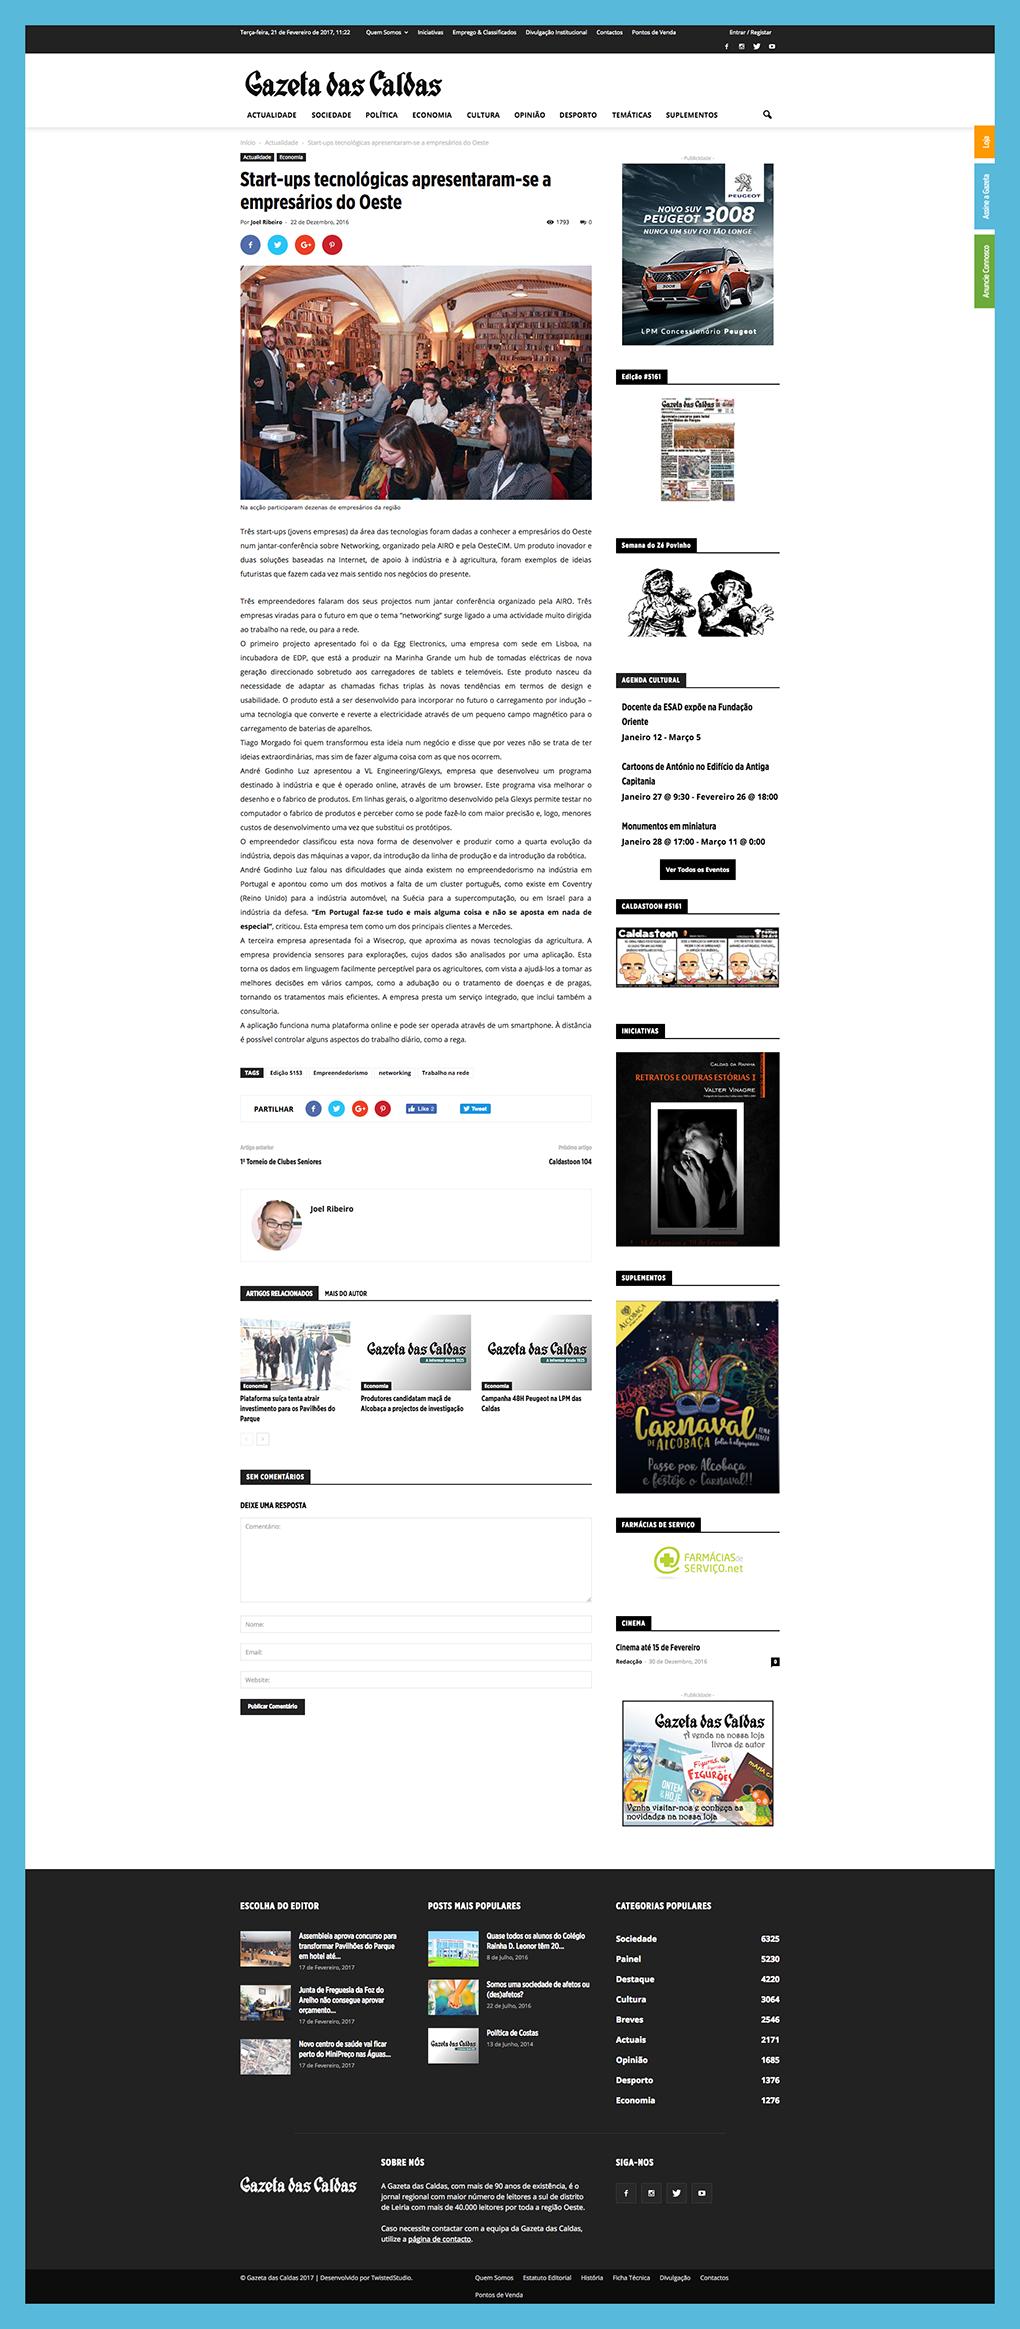 gazeta-das-caldas-noticia